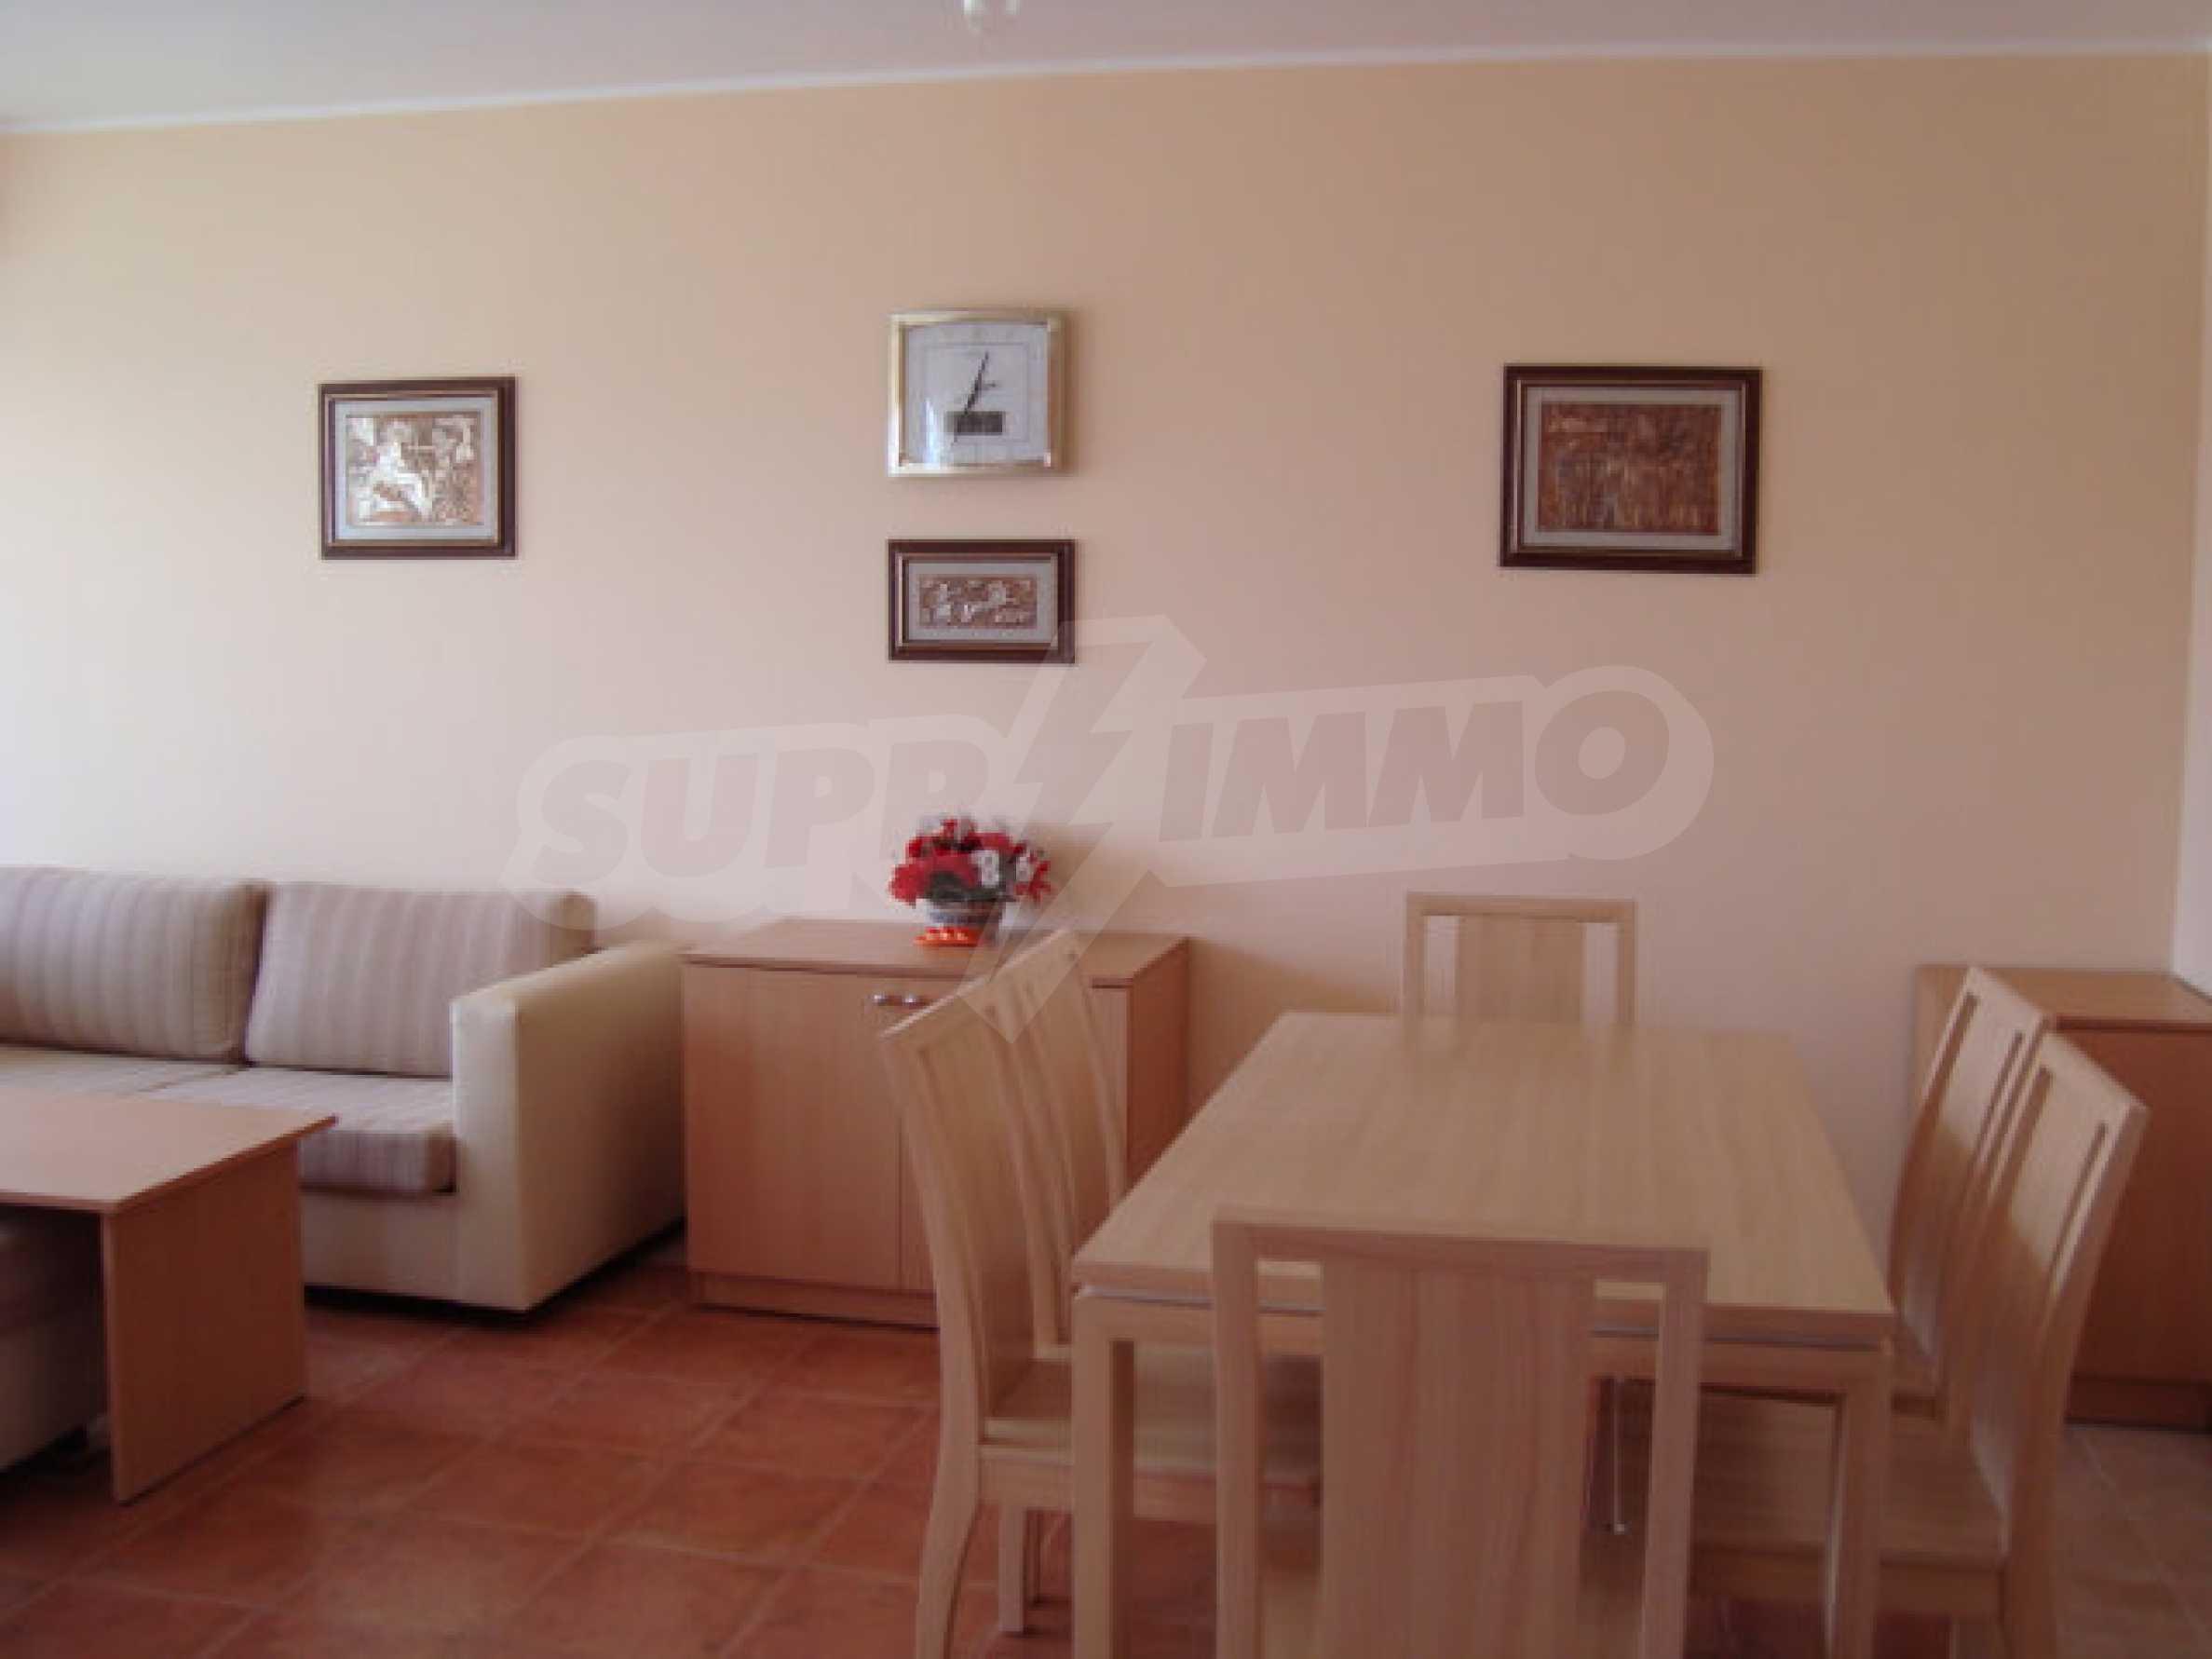 Luxus-Apartment mit zwei Schlafzimmern in einem ausgezeichneten Komplex in Chernomorets 10